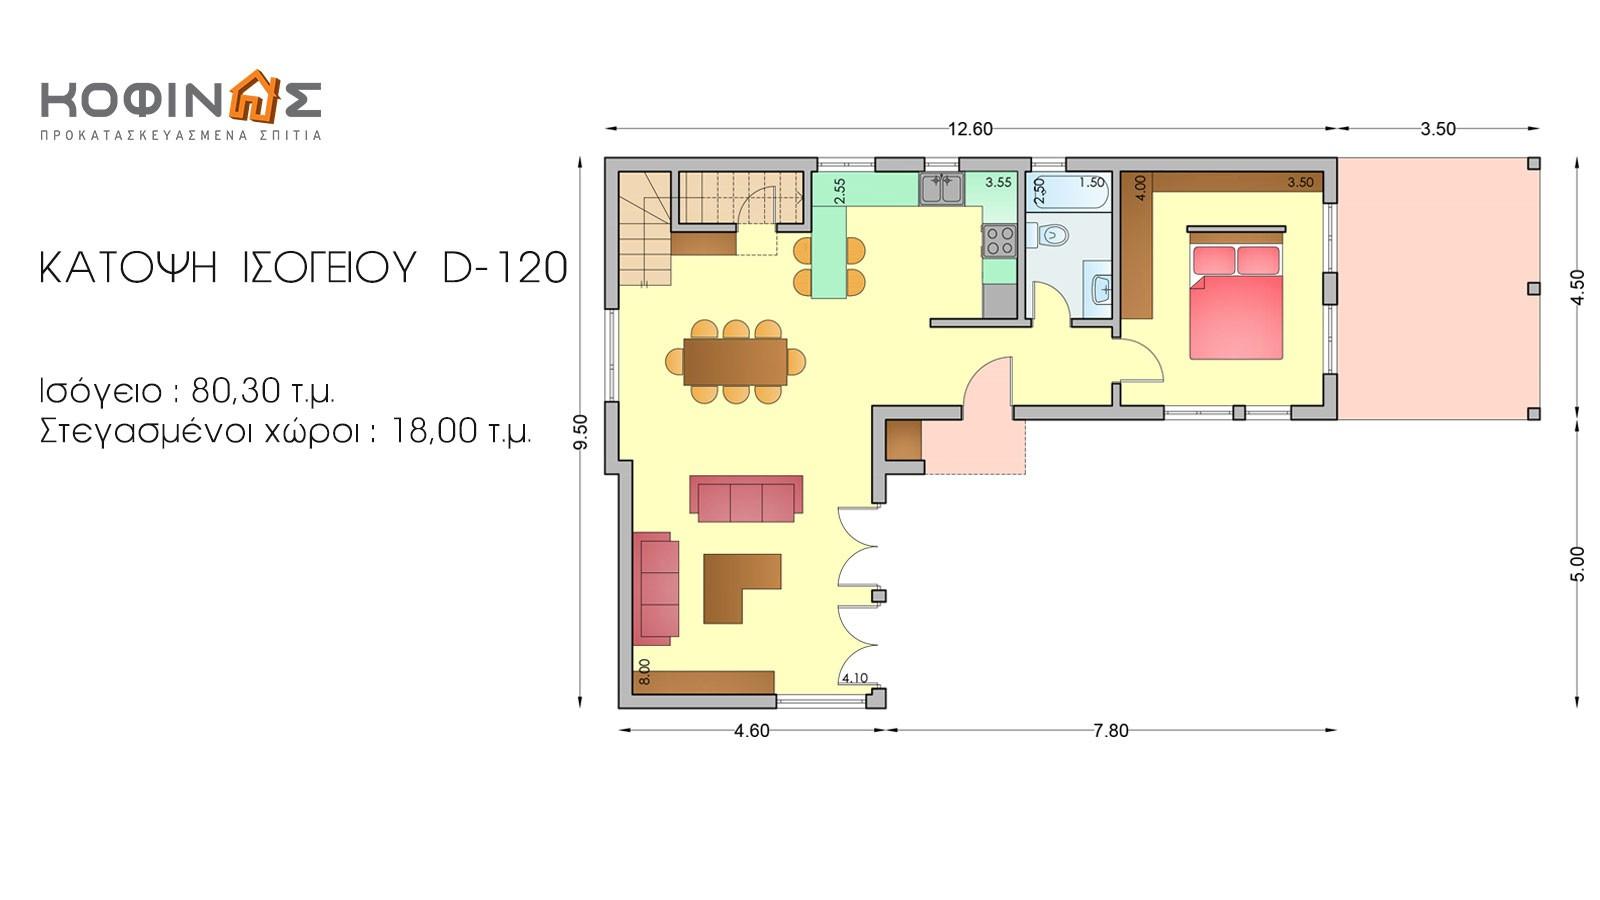 Διώροφη Κατοικία D-120, συνολικής επιφάνειας 120,20 τ.μ.